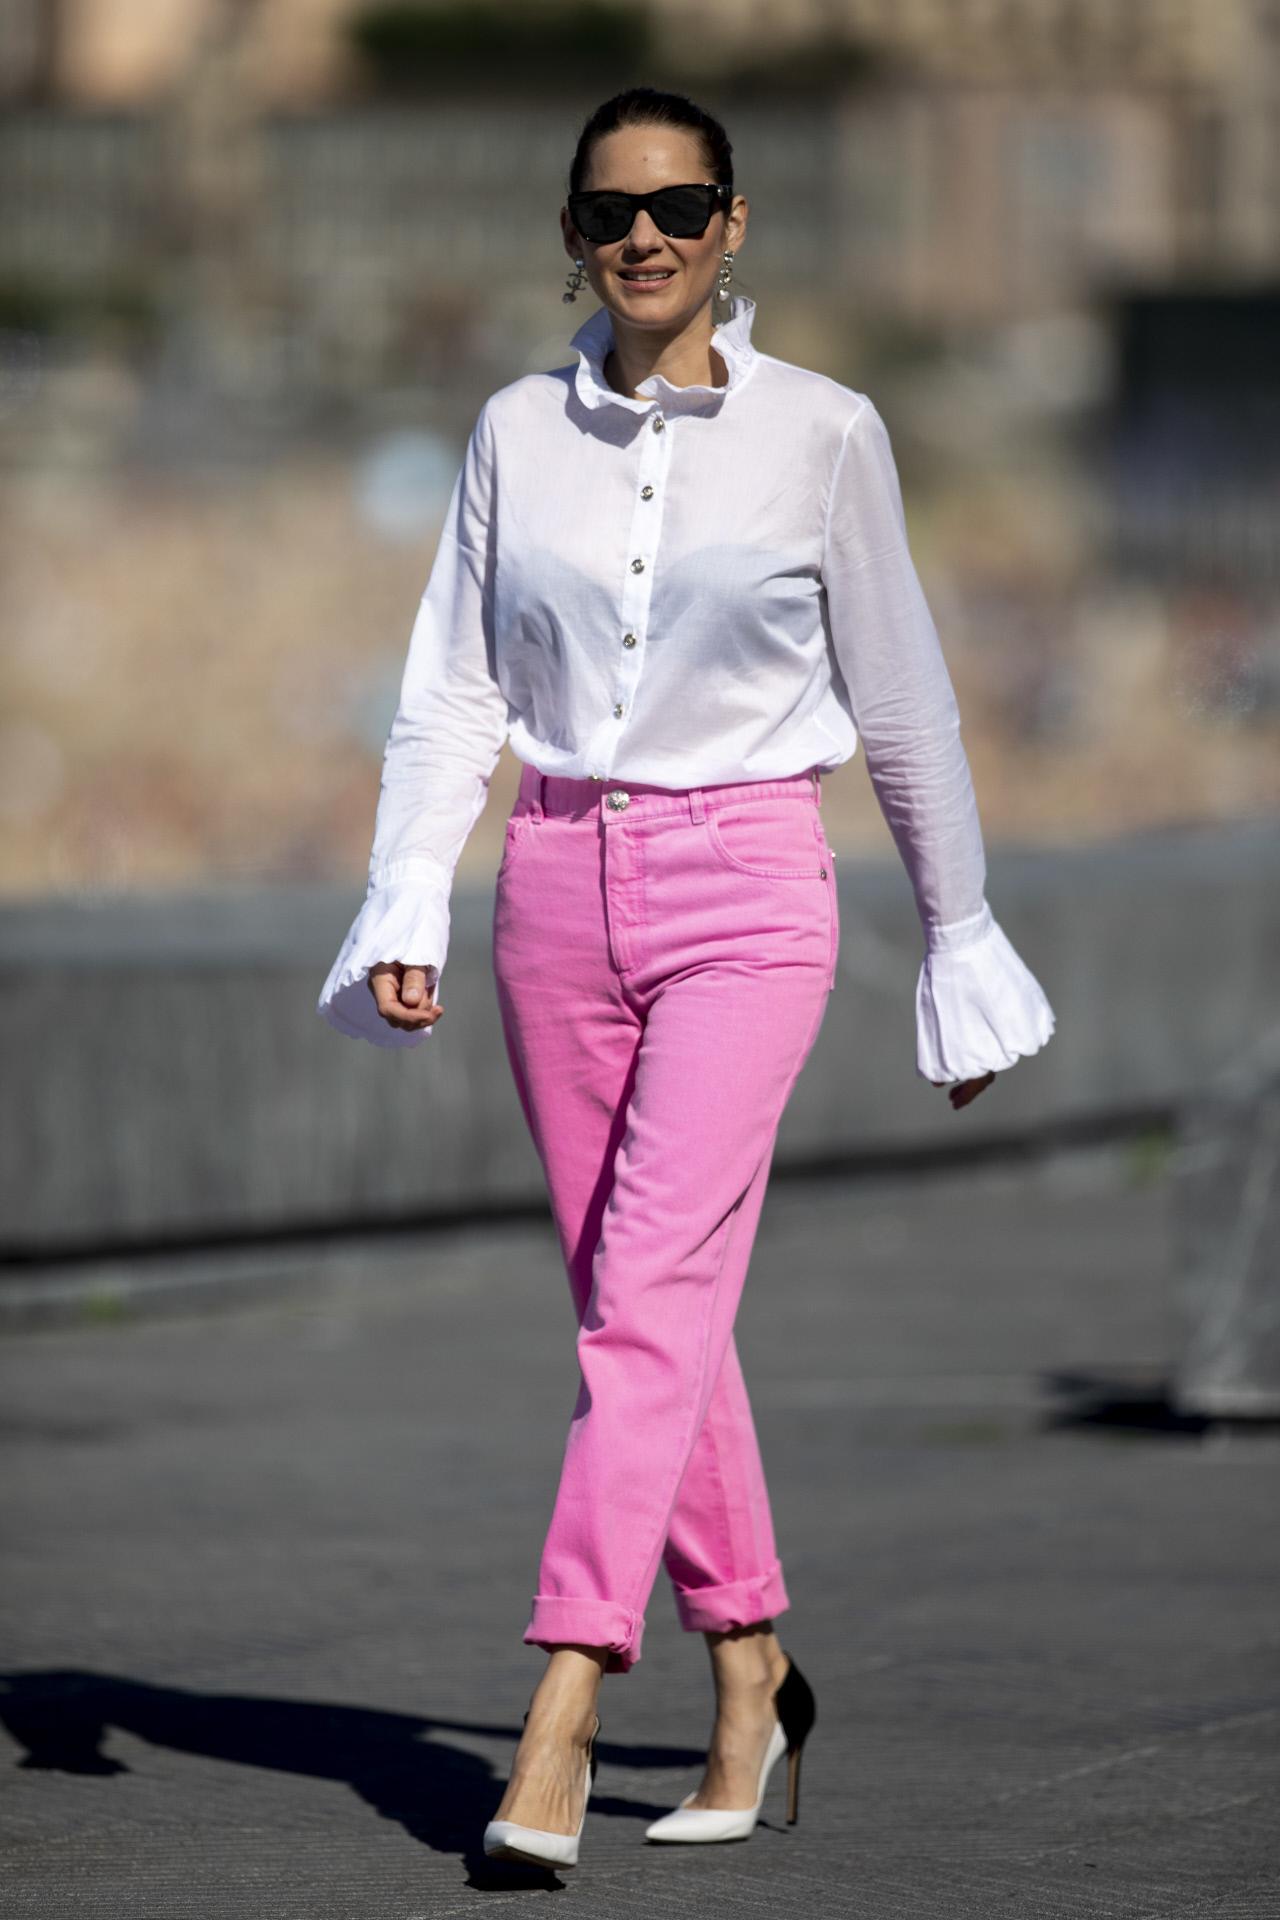 También vistió un conjunto de Chanel para el photocall de día.